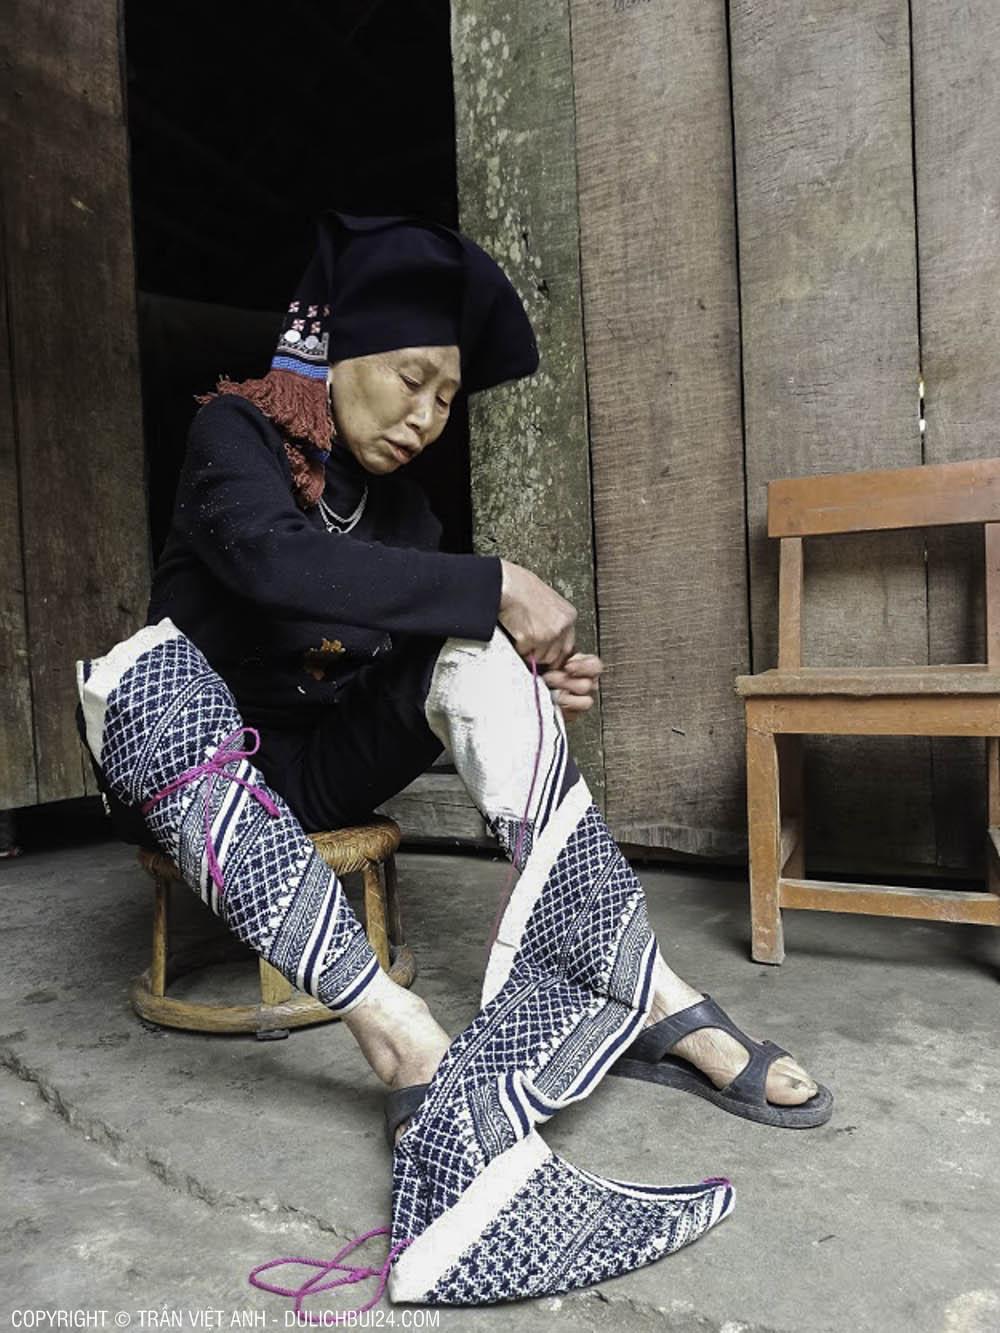 Cụ bà đang thay bộ quần áo truyền thống để khoe với cả đoàn.